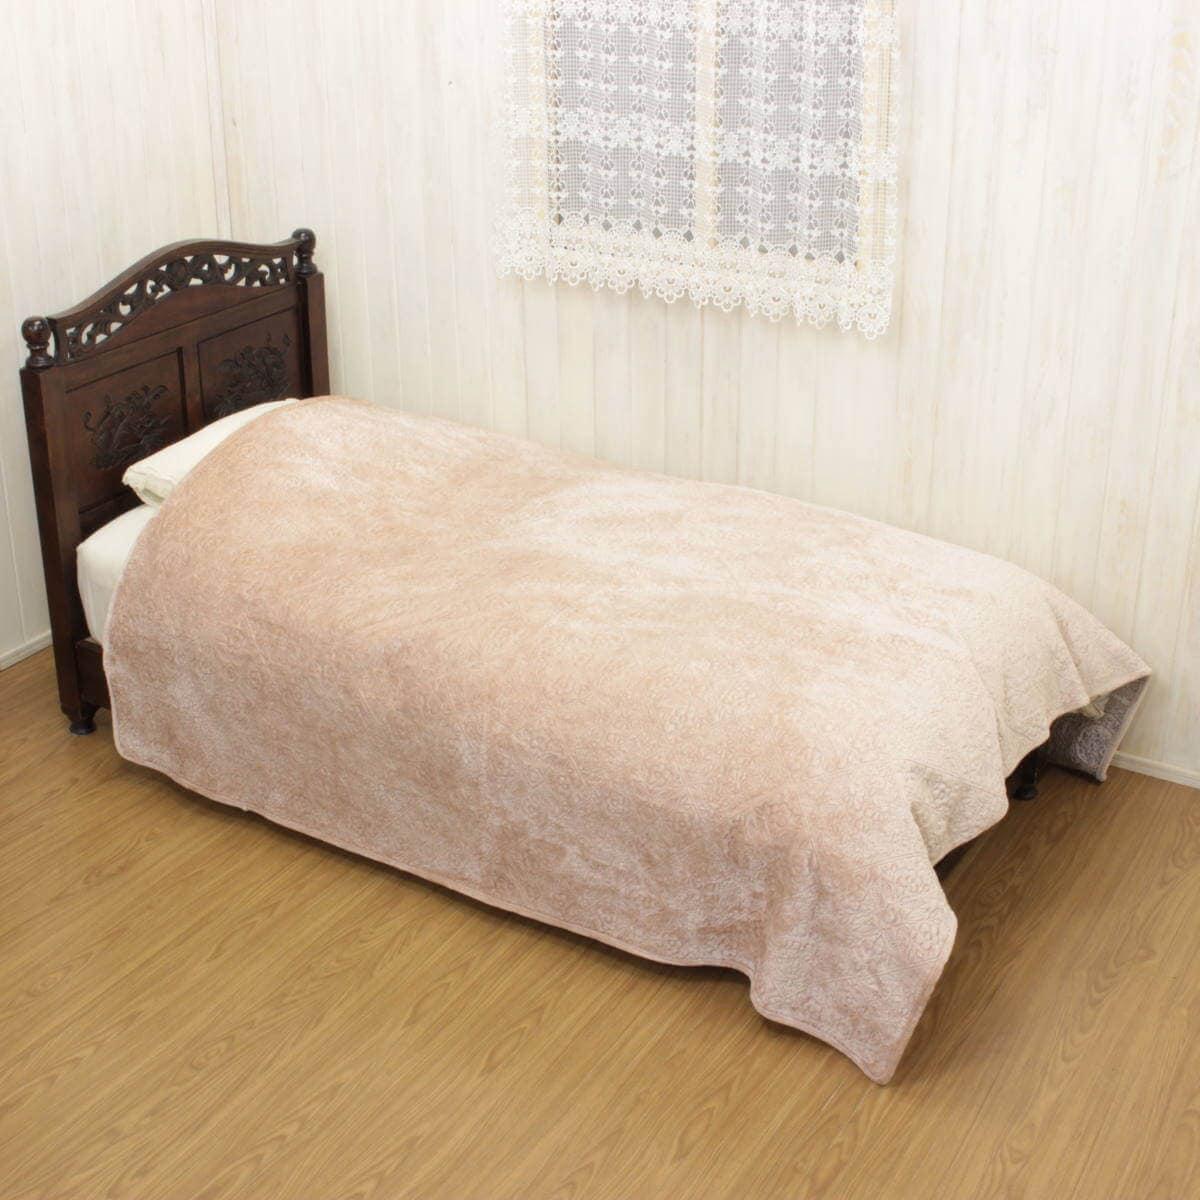 マイクロファイバー フランネルキルト ミティスクラシカ シリーズのマルチカバー(約200×200cm)をシングルベッドに掛けた一例です。